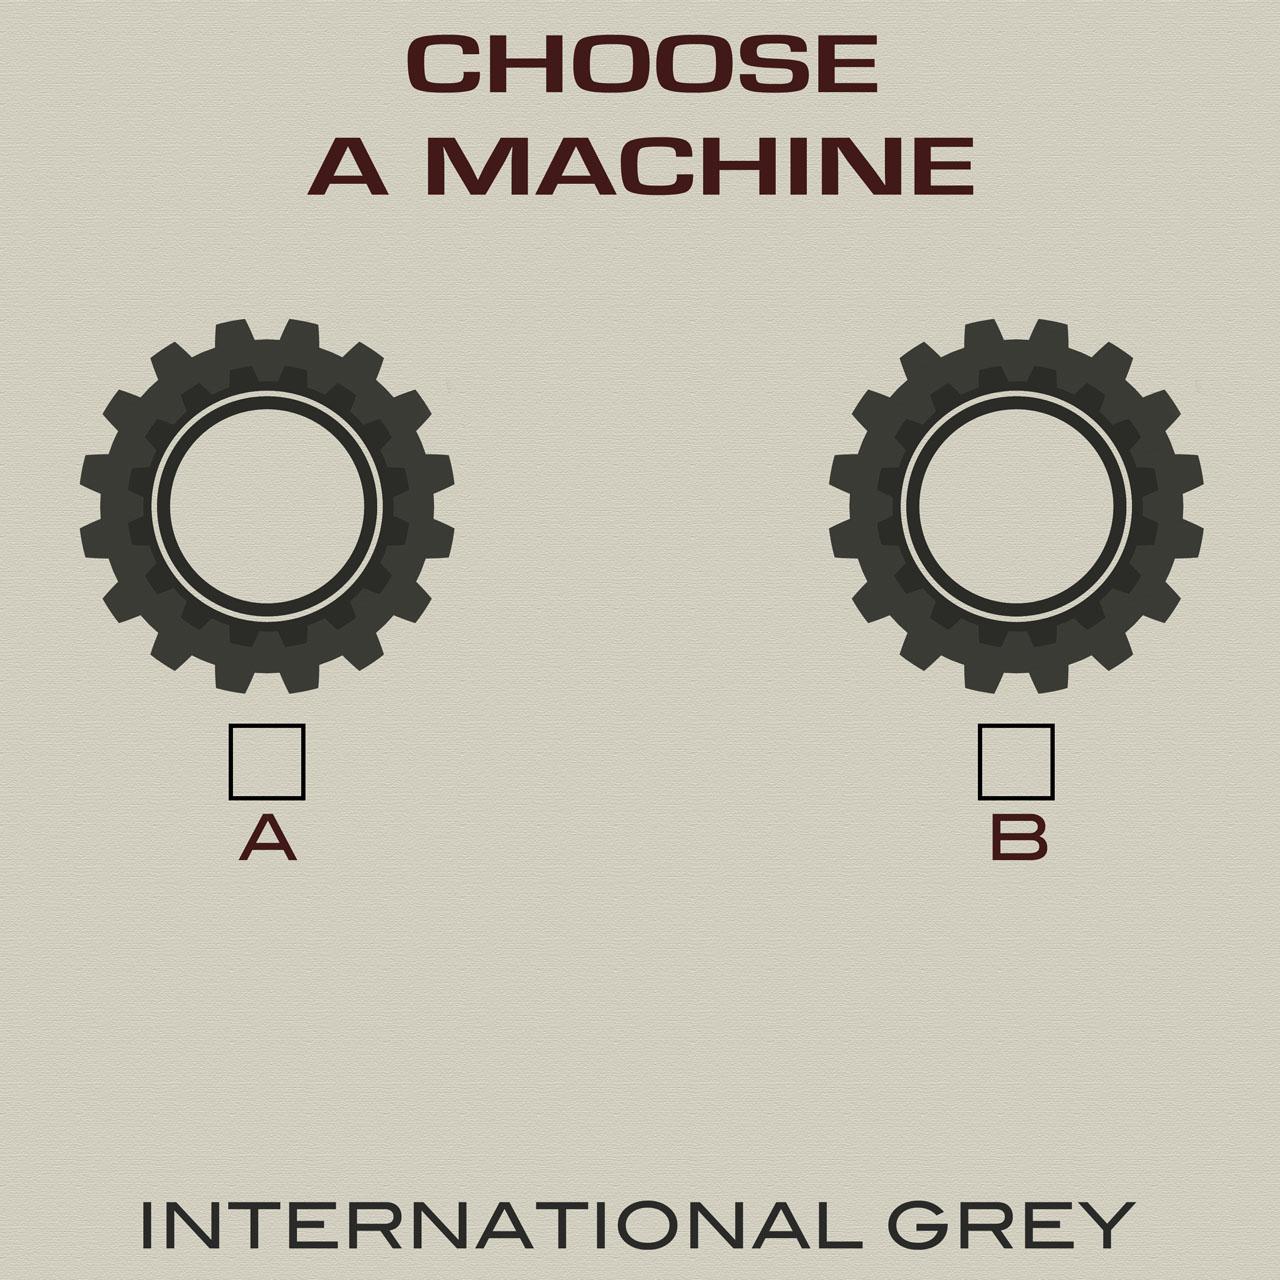 Choose a Machine